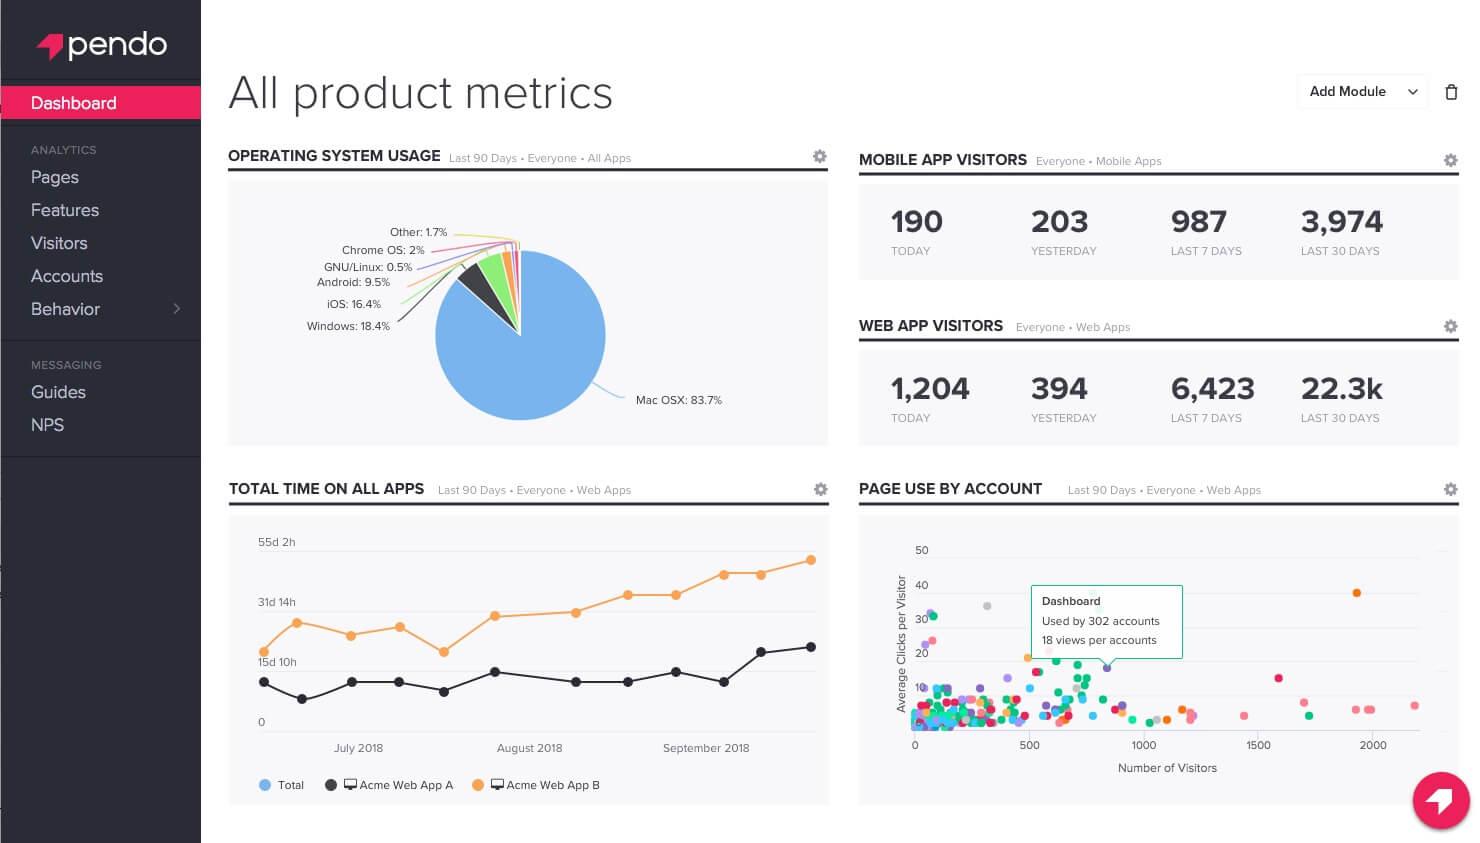 Pendo Product Metrics